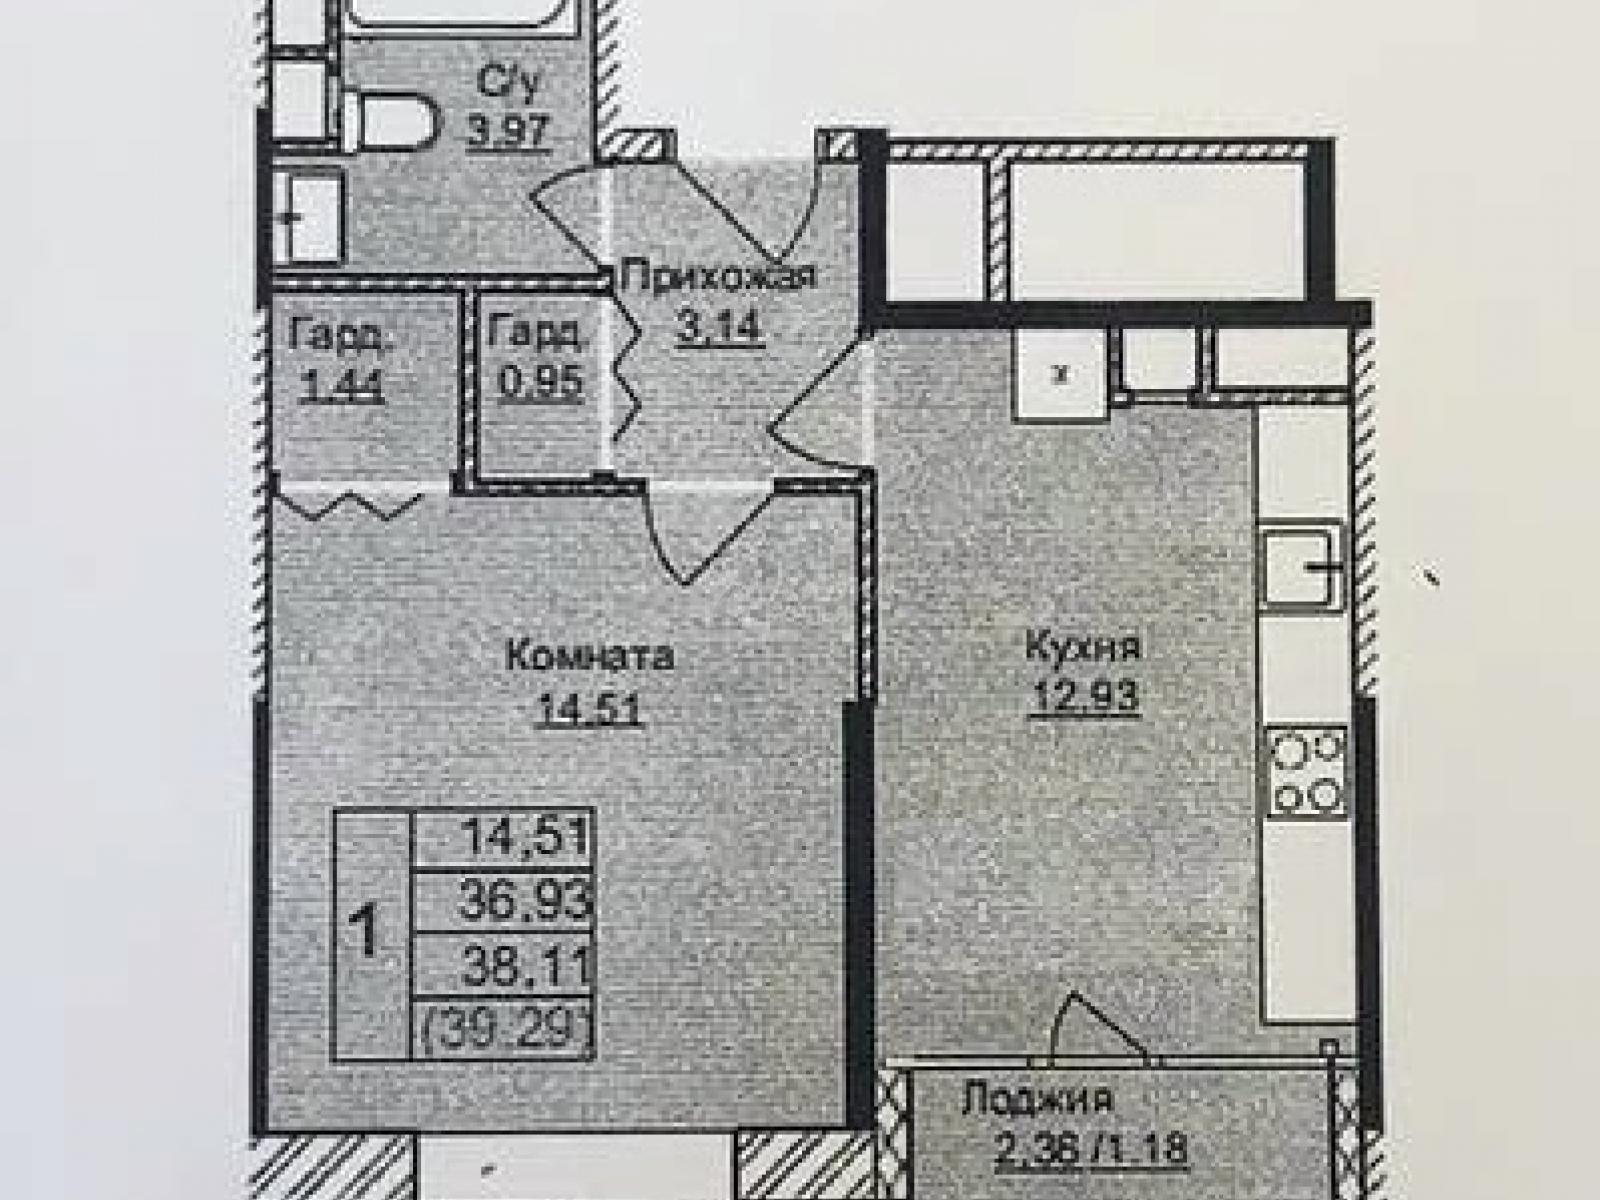 Фото №1 - 1-комнатная квартира, Москва, поселок Сосенское, Василия Ощепкова улица 3, метро Коммунарка